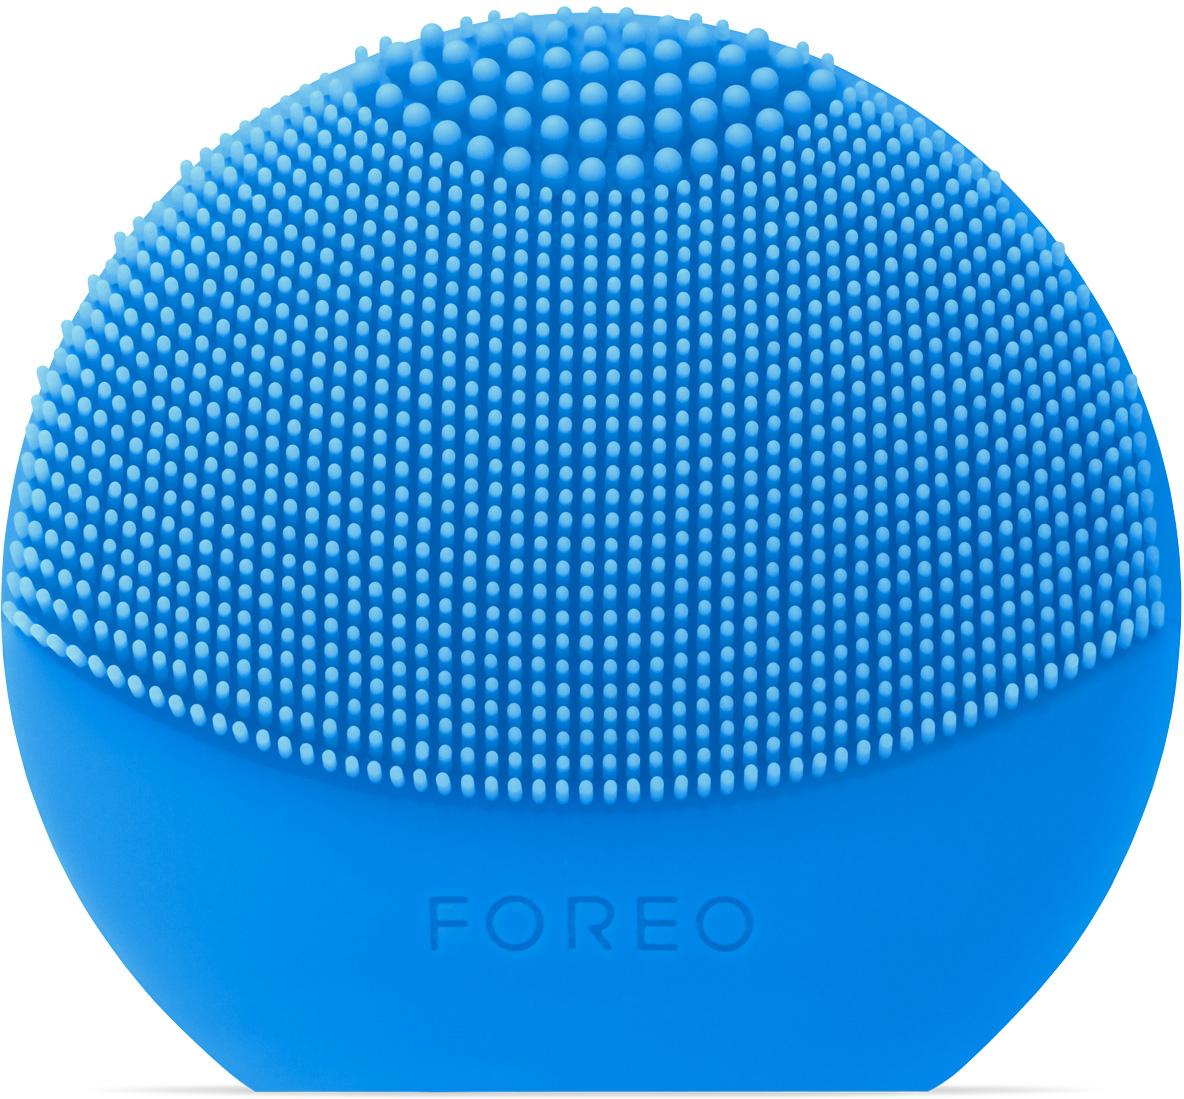 Foreo Щётка для очищения лица FOREO LUNA Mini 2, цвет: Aquamarine (голубой)F6248LUNA mini 2 от шведского бьюти бренда FOREO это компактная щетка для очищения лица с усовершенствованной технологией TSonic, 8 ю уровнями интенсивности и индивидуальной настройкой очистки. Всего 1 минута дважды в день и твоя кожа всегда будет свежей, чистой и более гладкой. Мягкие силиконовые щетинки, передающие до 8000 T Sonic пульсаций в минуту, глубоко, но нежно очищают поры кожи от 99,5% грязи, кожного жира и остатков макияжа. Электрическая щетка для лица LUNA mini 2 избавляет кожу от приводящих к воспалениям загрязнений, обеспечивая при этом бережный уход. Электрическая щетка LUNA mini 2 не нуждается в замене головки щетки. Она выполнена из высокопрочного безопасного гипоаллергенного беспористого силикона, предотвращающего скопление бактерий, что делает ее в 35 раз гигиеничнее обычных нейлоновых щеток. Легкая и полностью водонепроницаемая LUNA mini 2 имеет 8 режимов скоростей и идеальна для использования в ванне и душе, полной зарядки прибора хватает на 300 сеансов очистки.